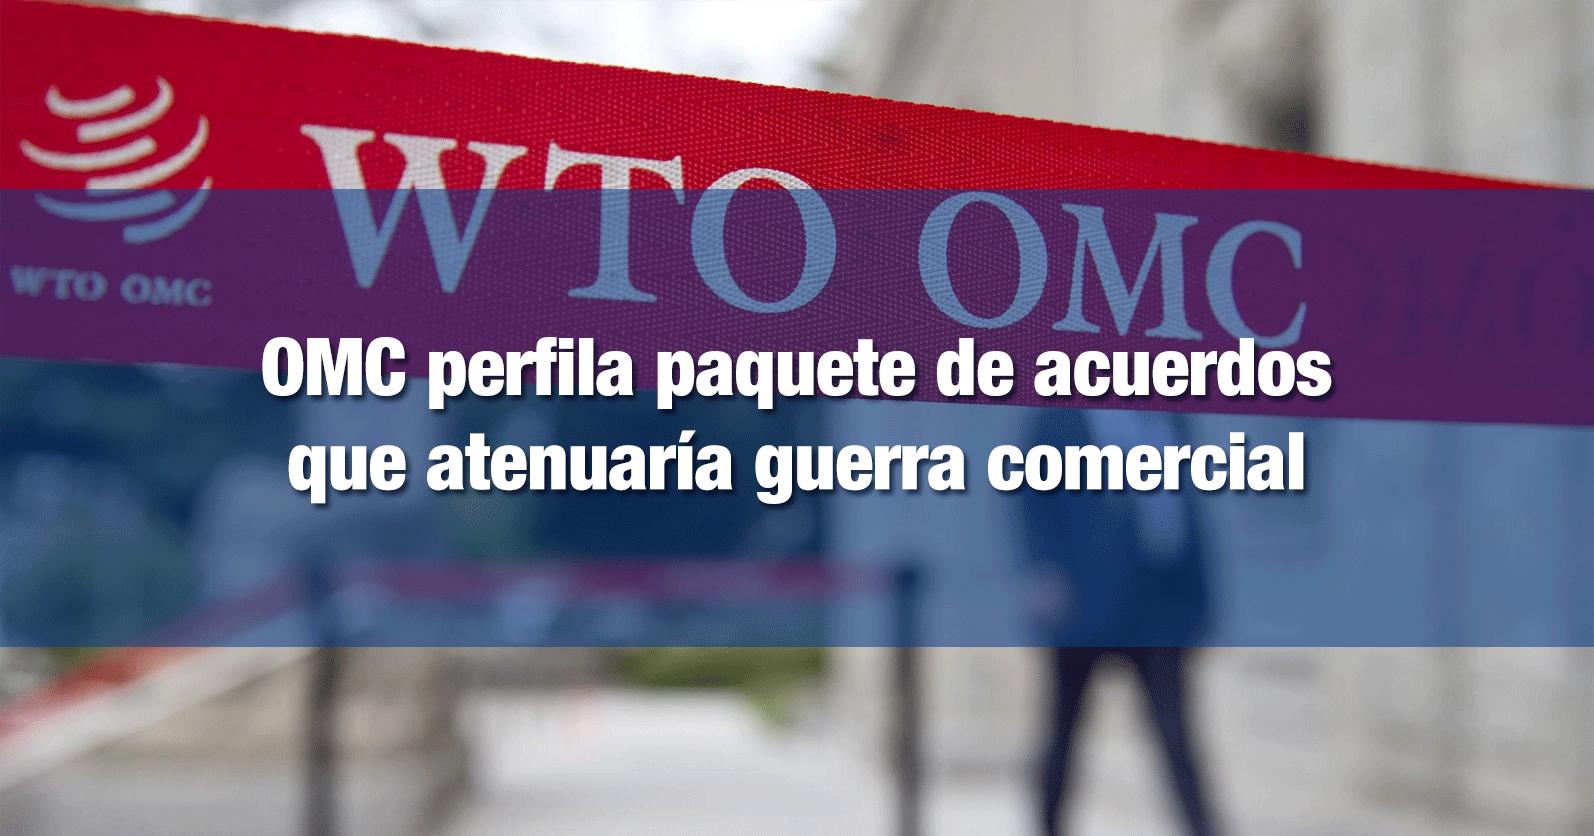 OMC perfila paquete de acuerdos que atenuaría guerra comercial